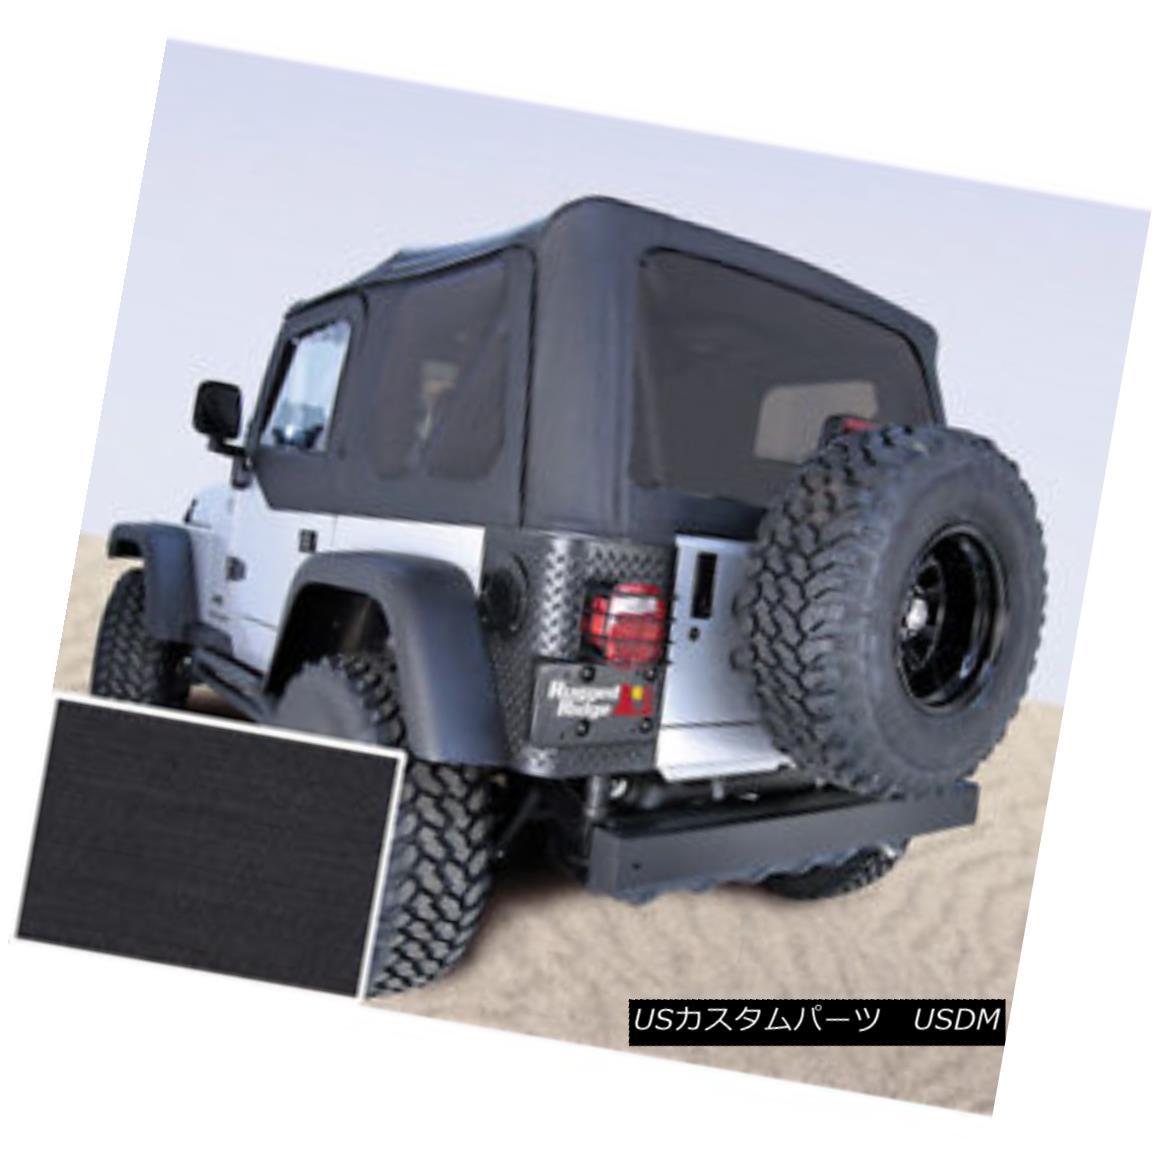 幌・ソフトトップ Rugged Ridge 13728.35 XHD Soft Top Black Tinted Windows 97-06 Jeep Wrangler Rugged Ridge 13728.35 XHDソフトトップブラックティンテッドWindows 97-06ジープラングラー